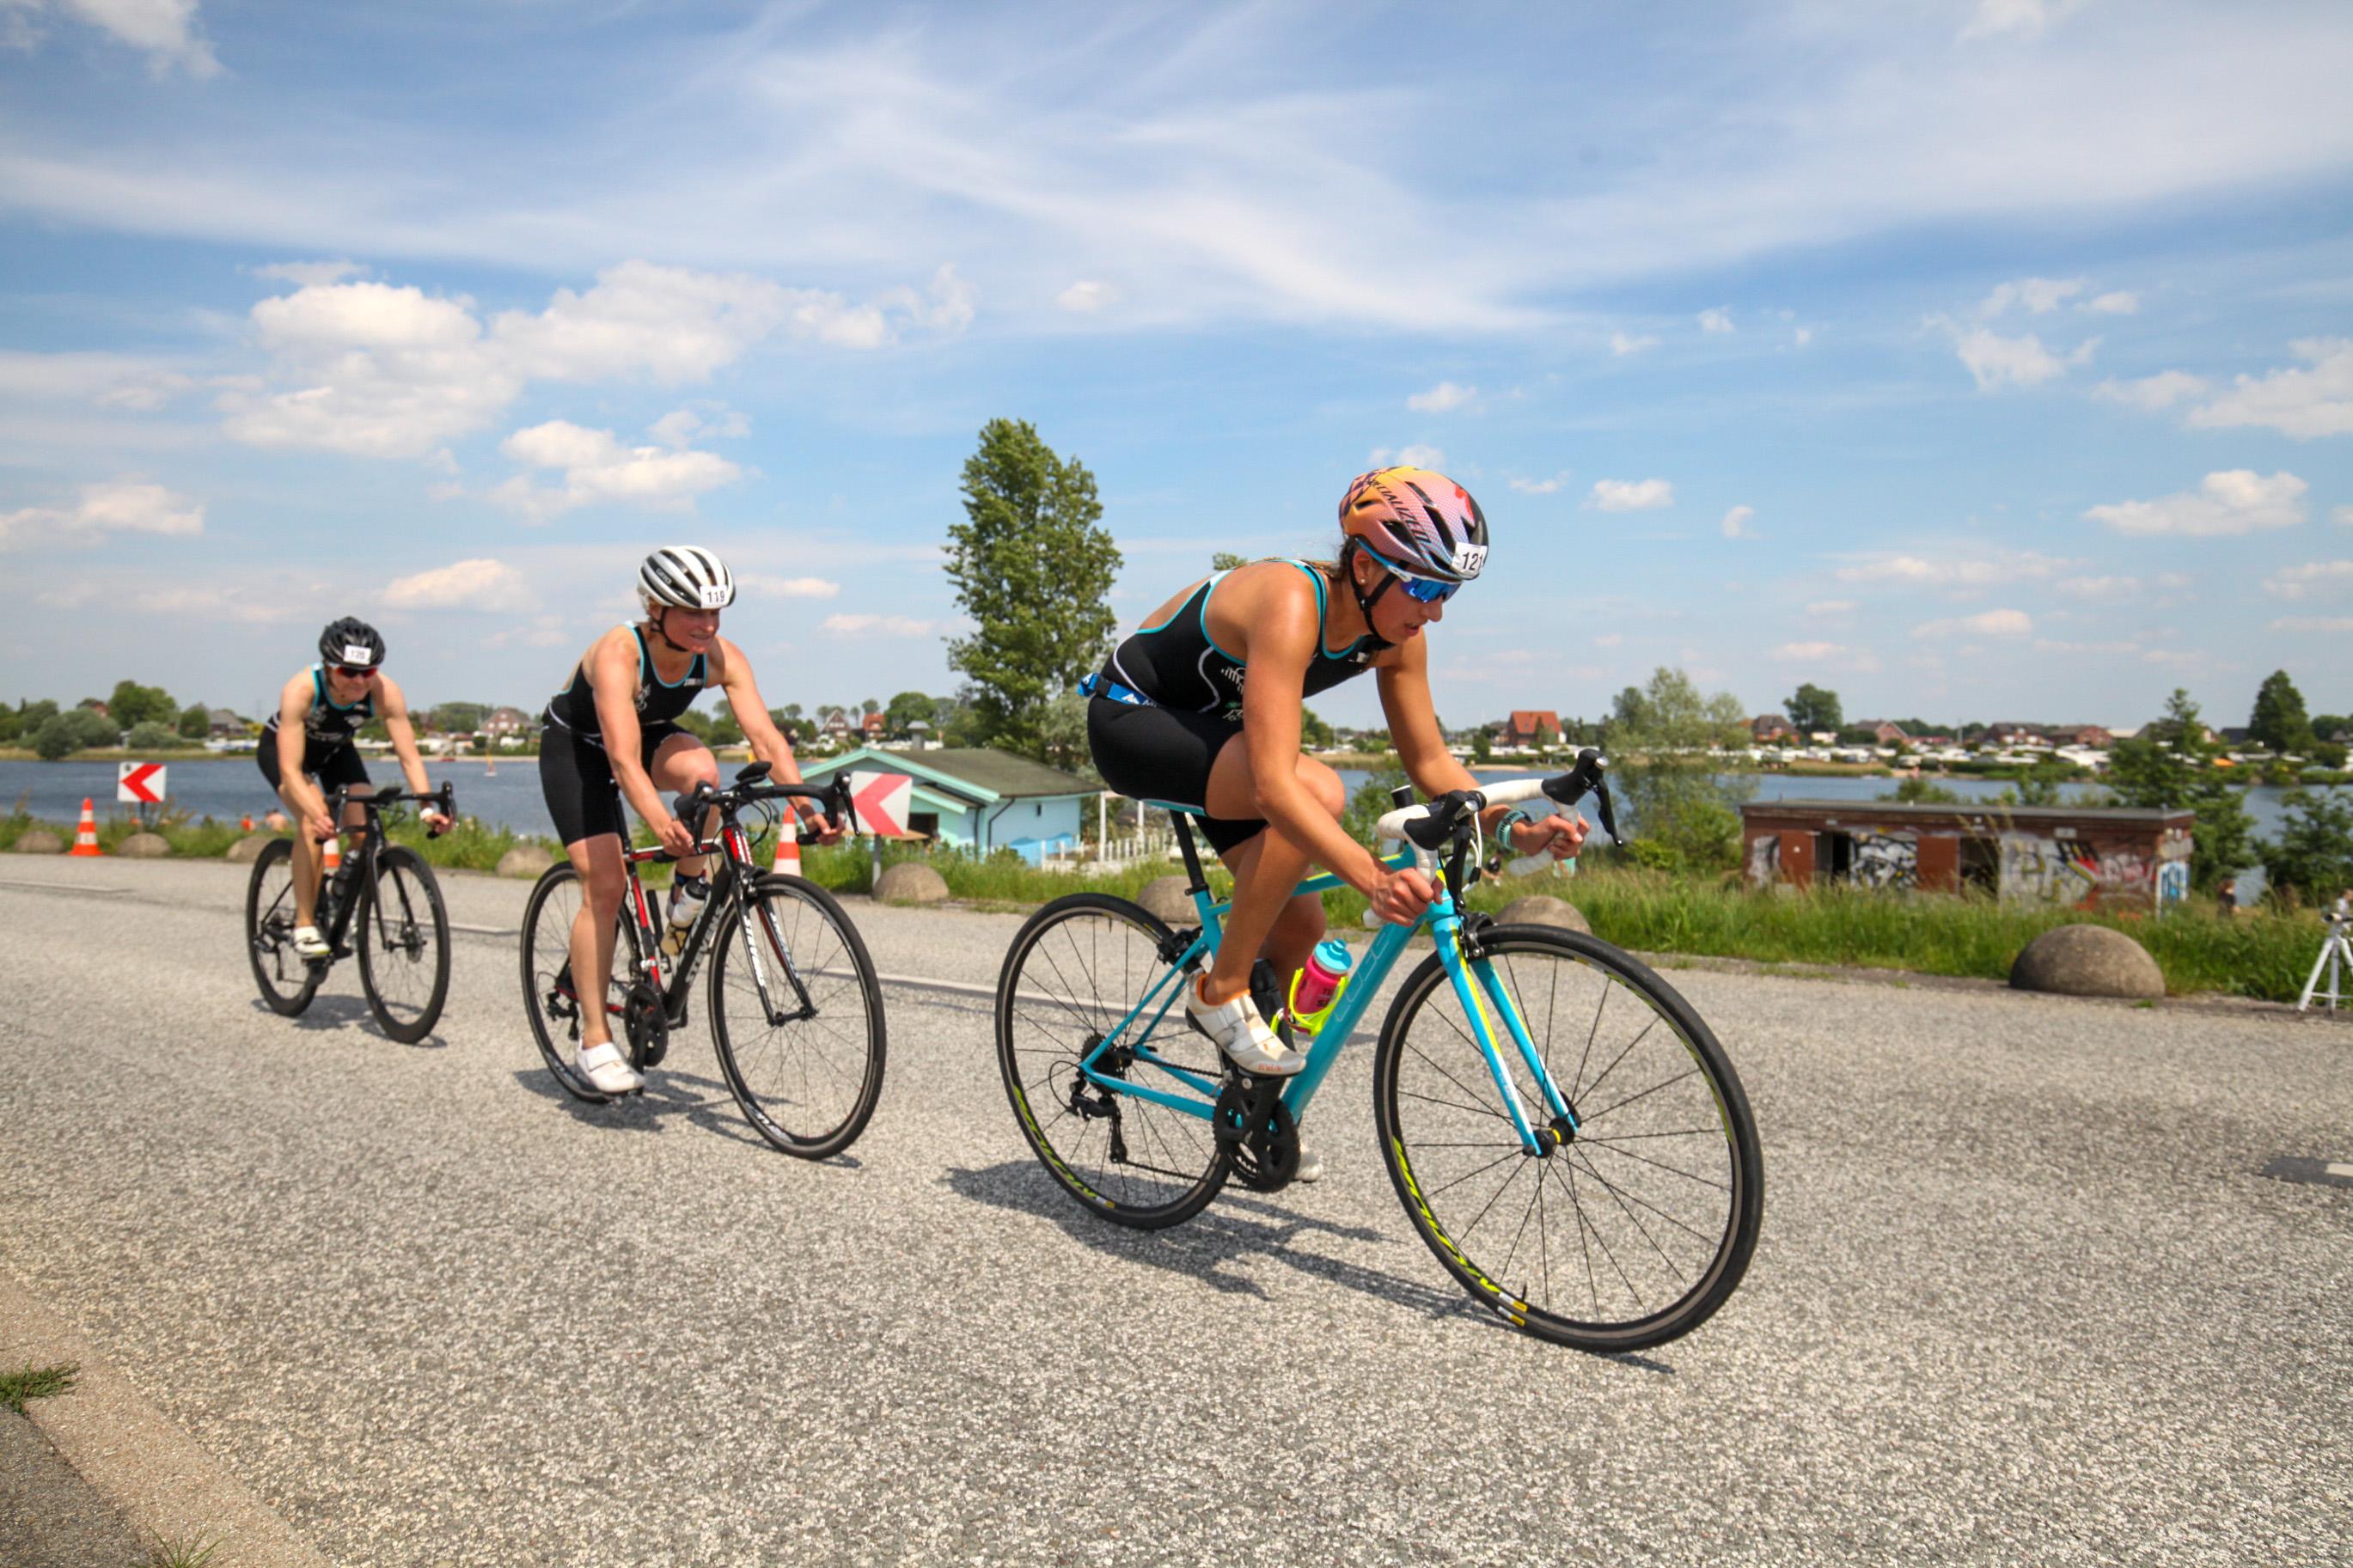 Vierlanden-Triathlon 2019 – Starker Auftakt Der Regionalliga Damen, Zweiter Sieg Der Landes- Und Verbandsliga Herren